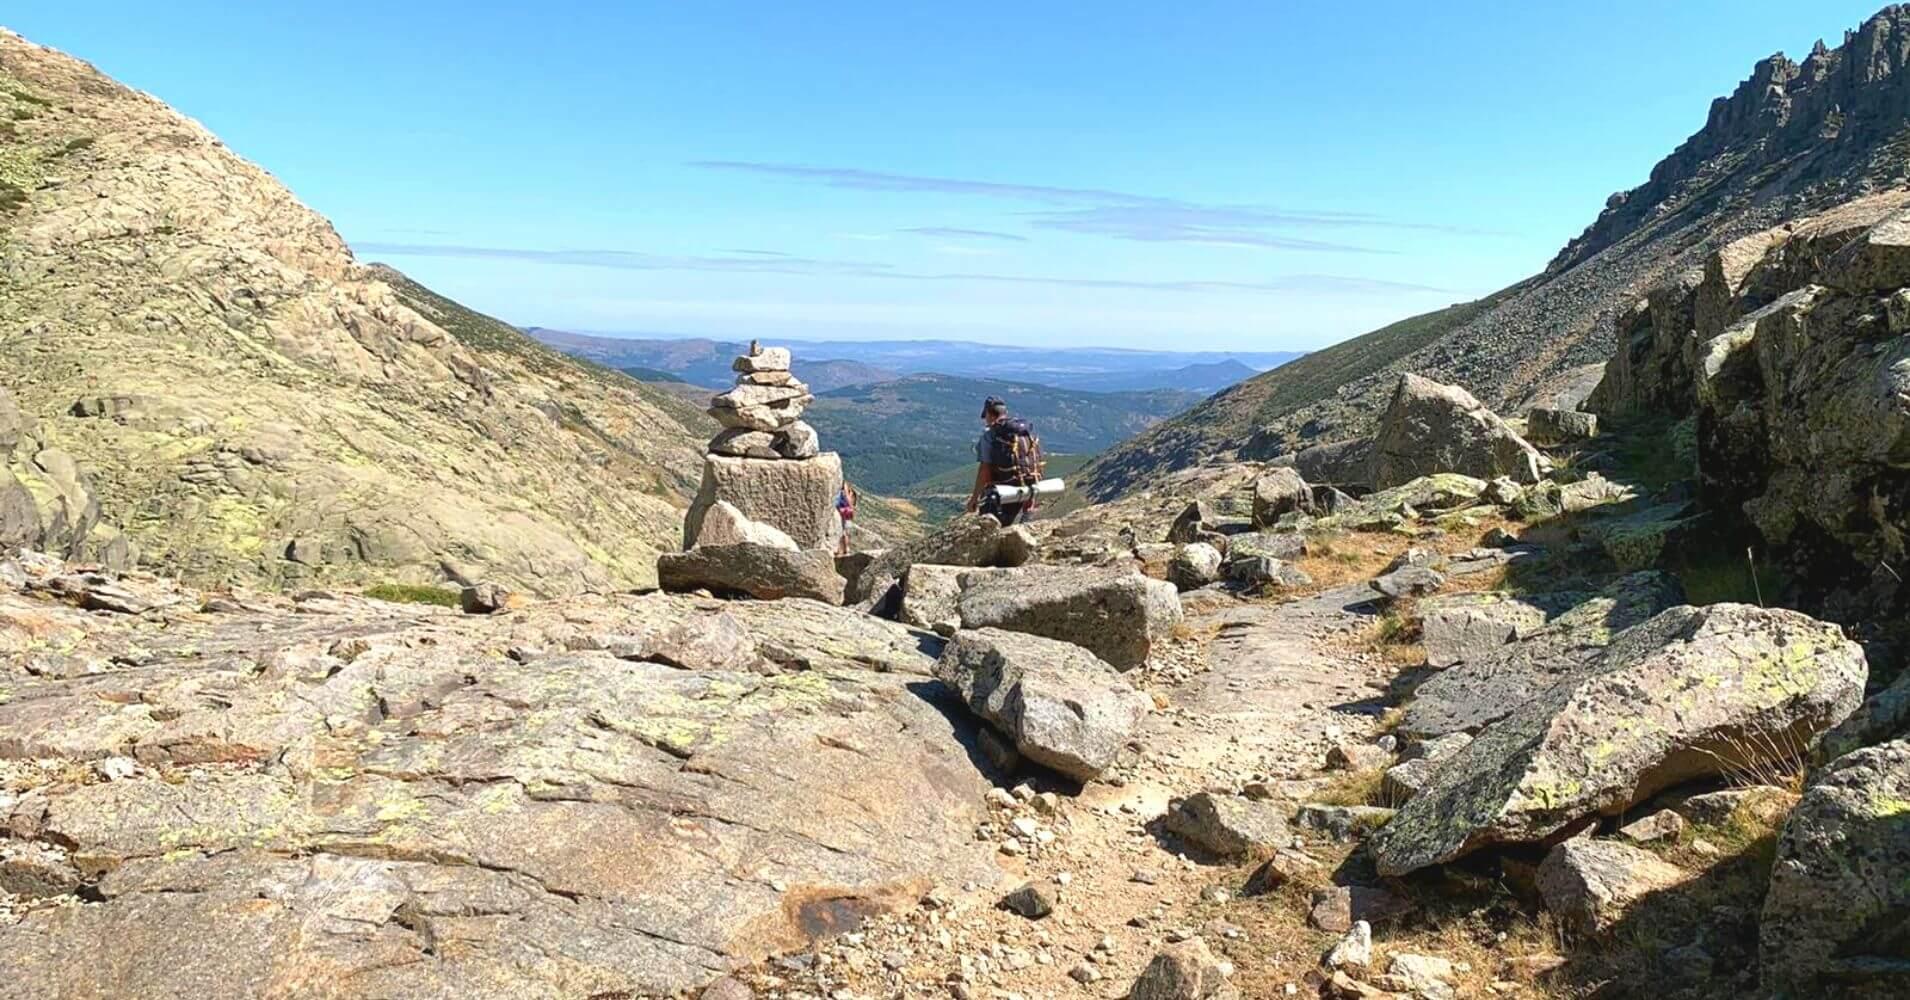 Siguiendo los Hitos hacia La Azagaya. Sierra de Gredos. Ávila, Castilla y León.